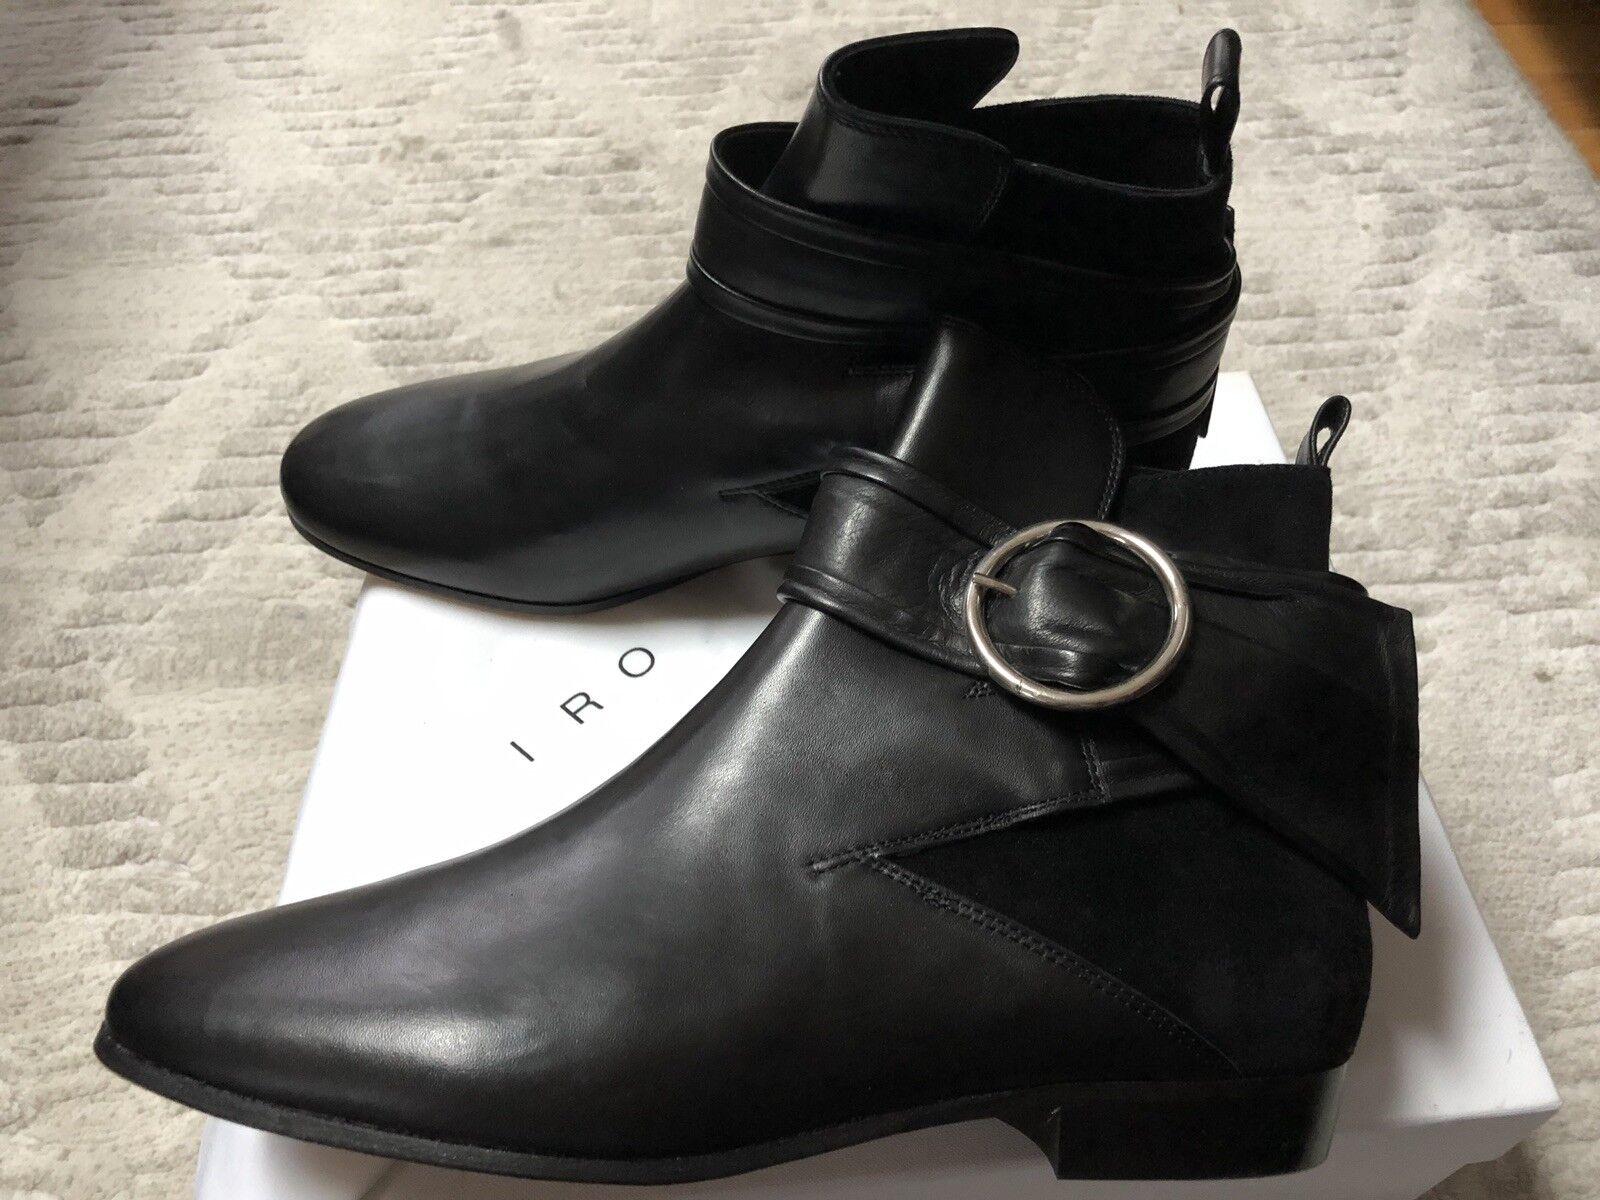 nuovo di marca IRO IRO IRO Sz 40   9 9.5nero Suede Leather scarpe Buckle Ankle stivali  liquidazione fino al 70%